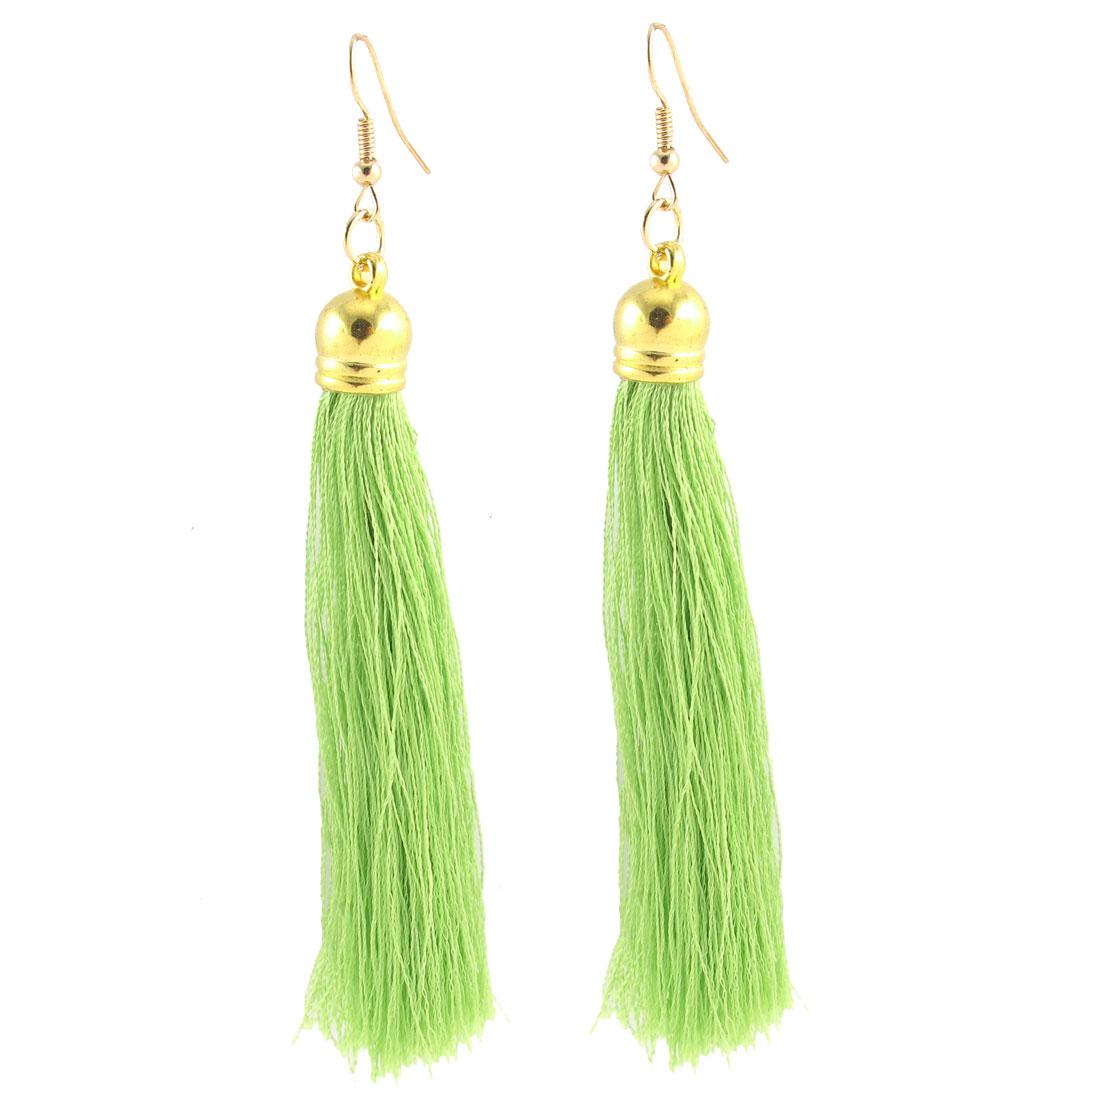 Lady Long Tassel Fringe Boho Style Dangling Fish Hook Earrings Eardrop Pair Green